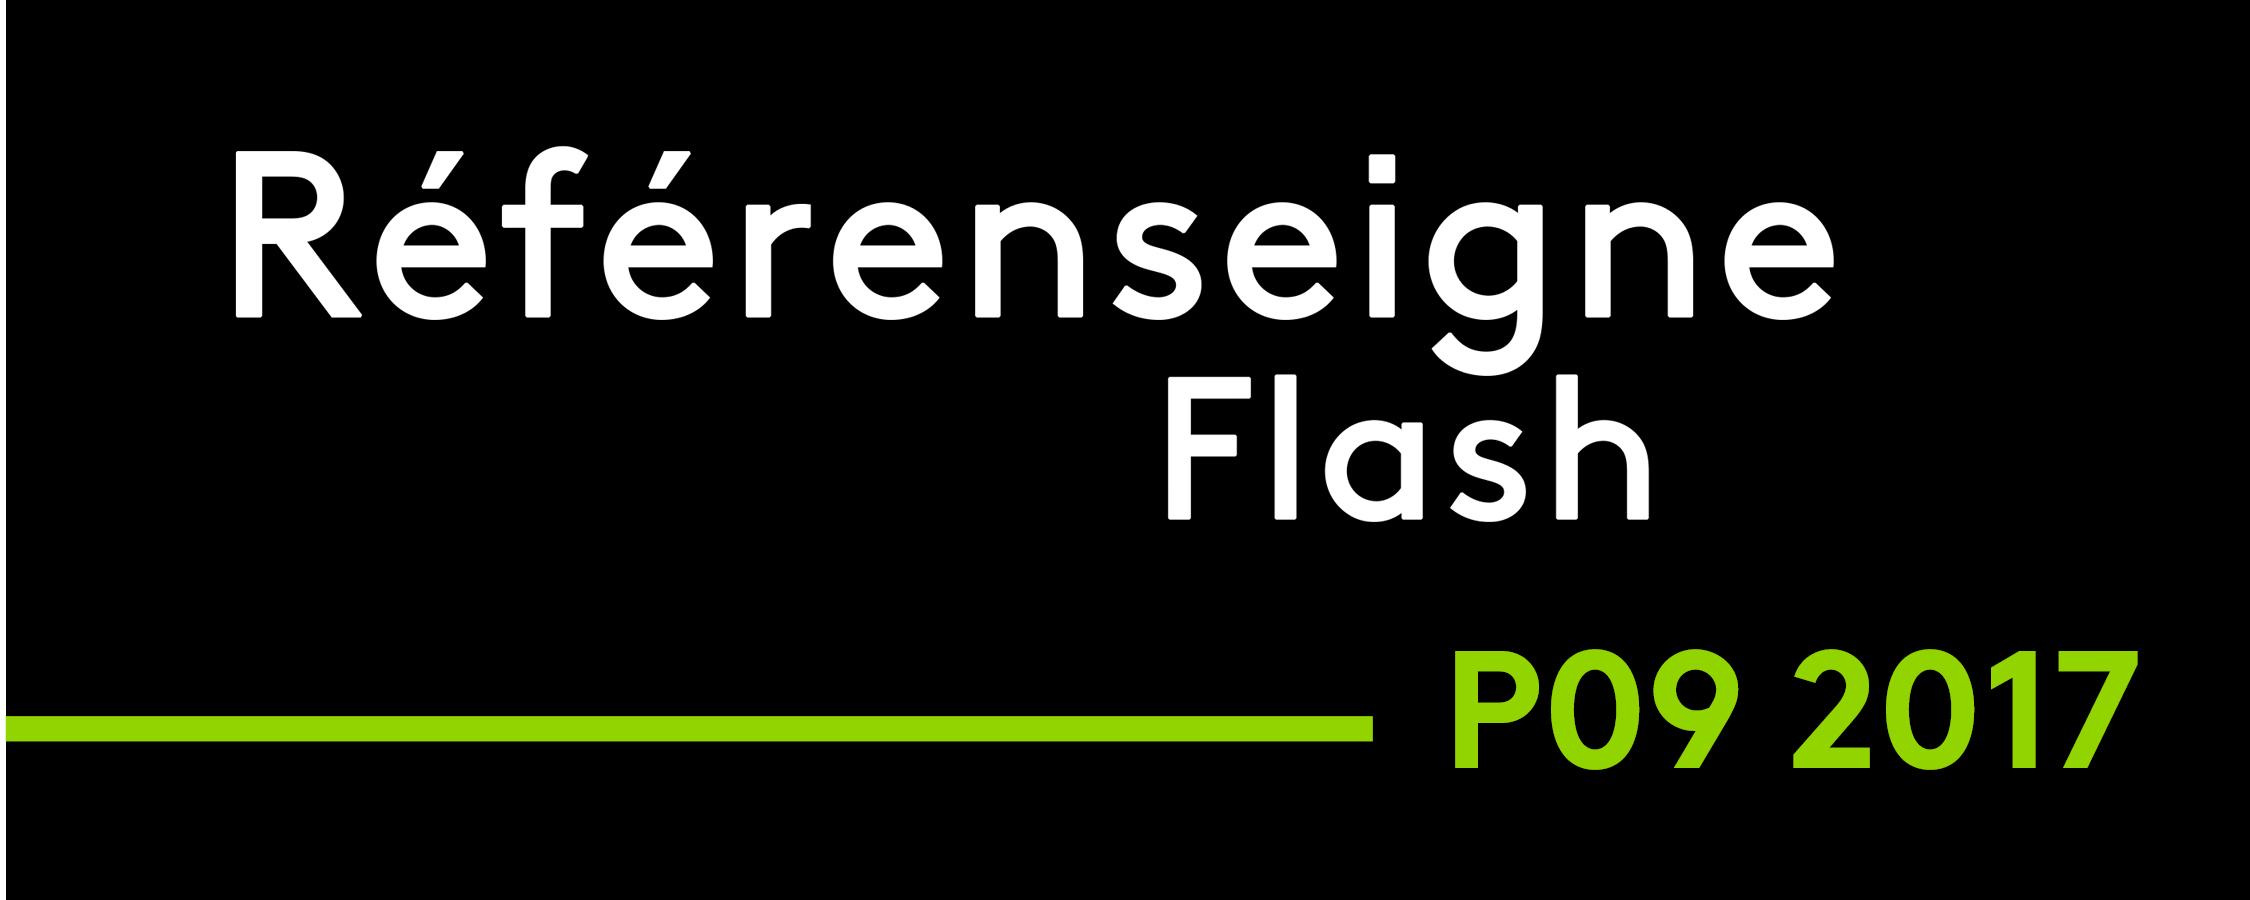 Tendances Consommation et Enseignes P09 2017